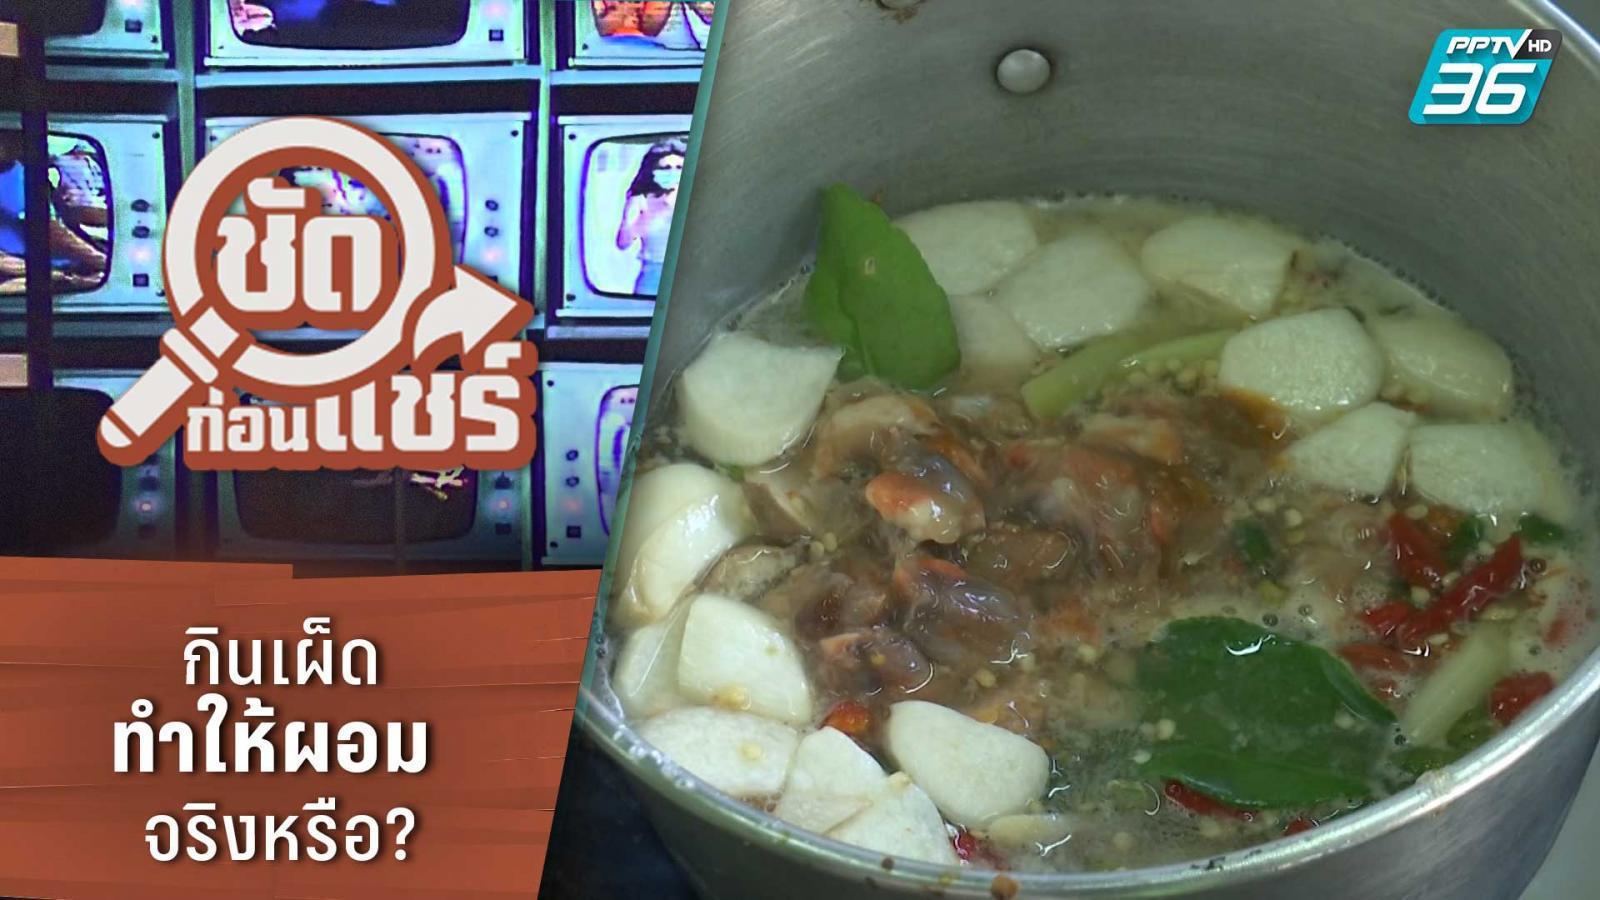 ชัดก่อนแชร์ | กินเผ็ดทำให้ผอม จริงหรือ? | PPTV HD 36